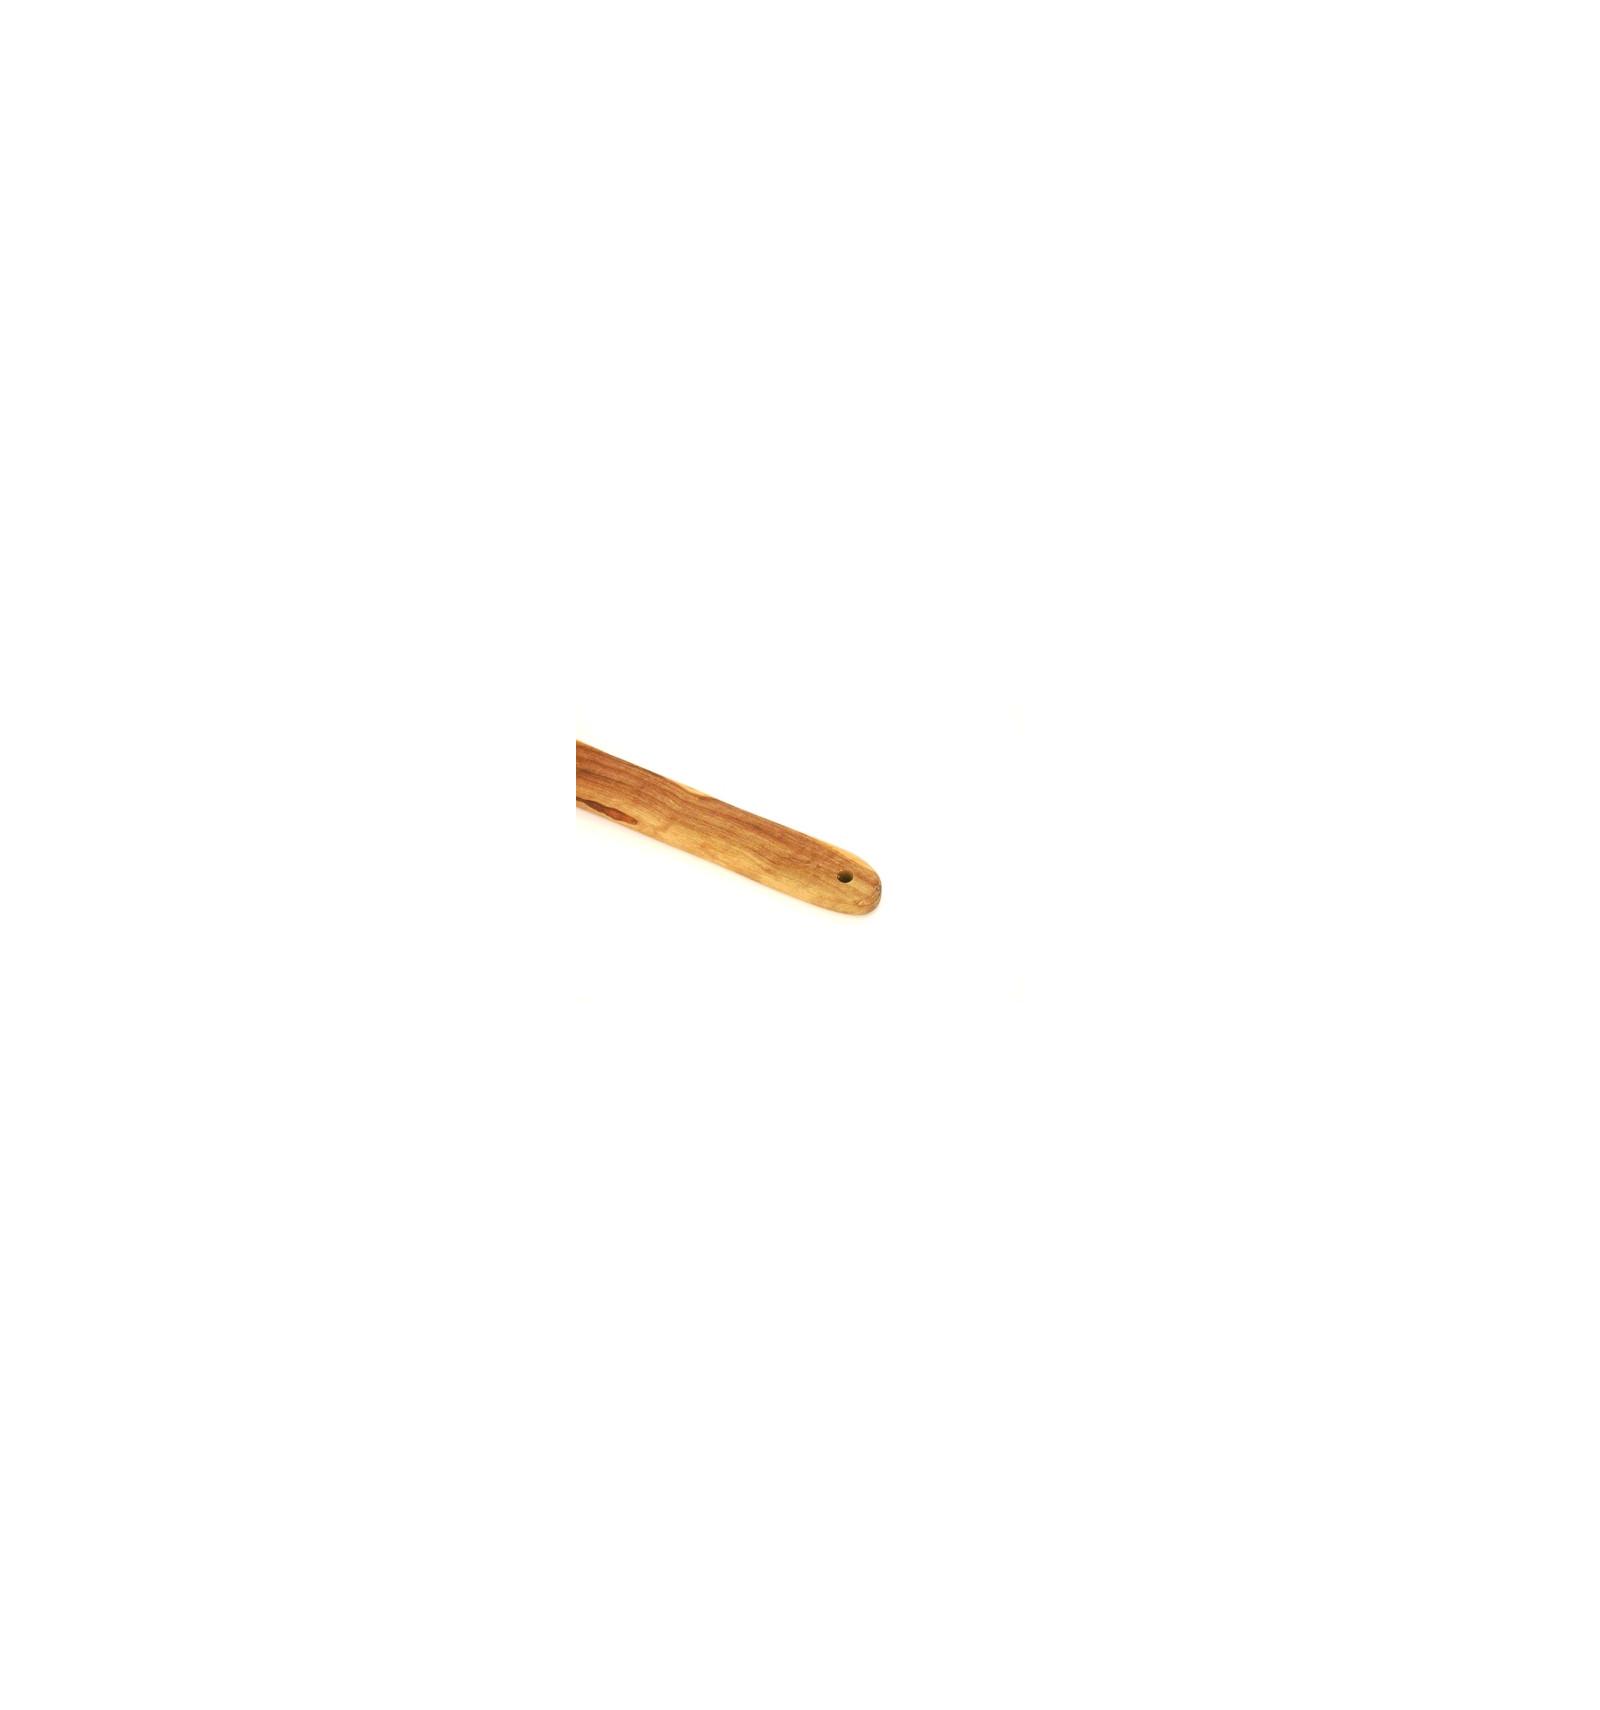 Spatule en bois d 39 olivier 34 cm - Spatule en bois ...